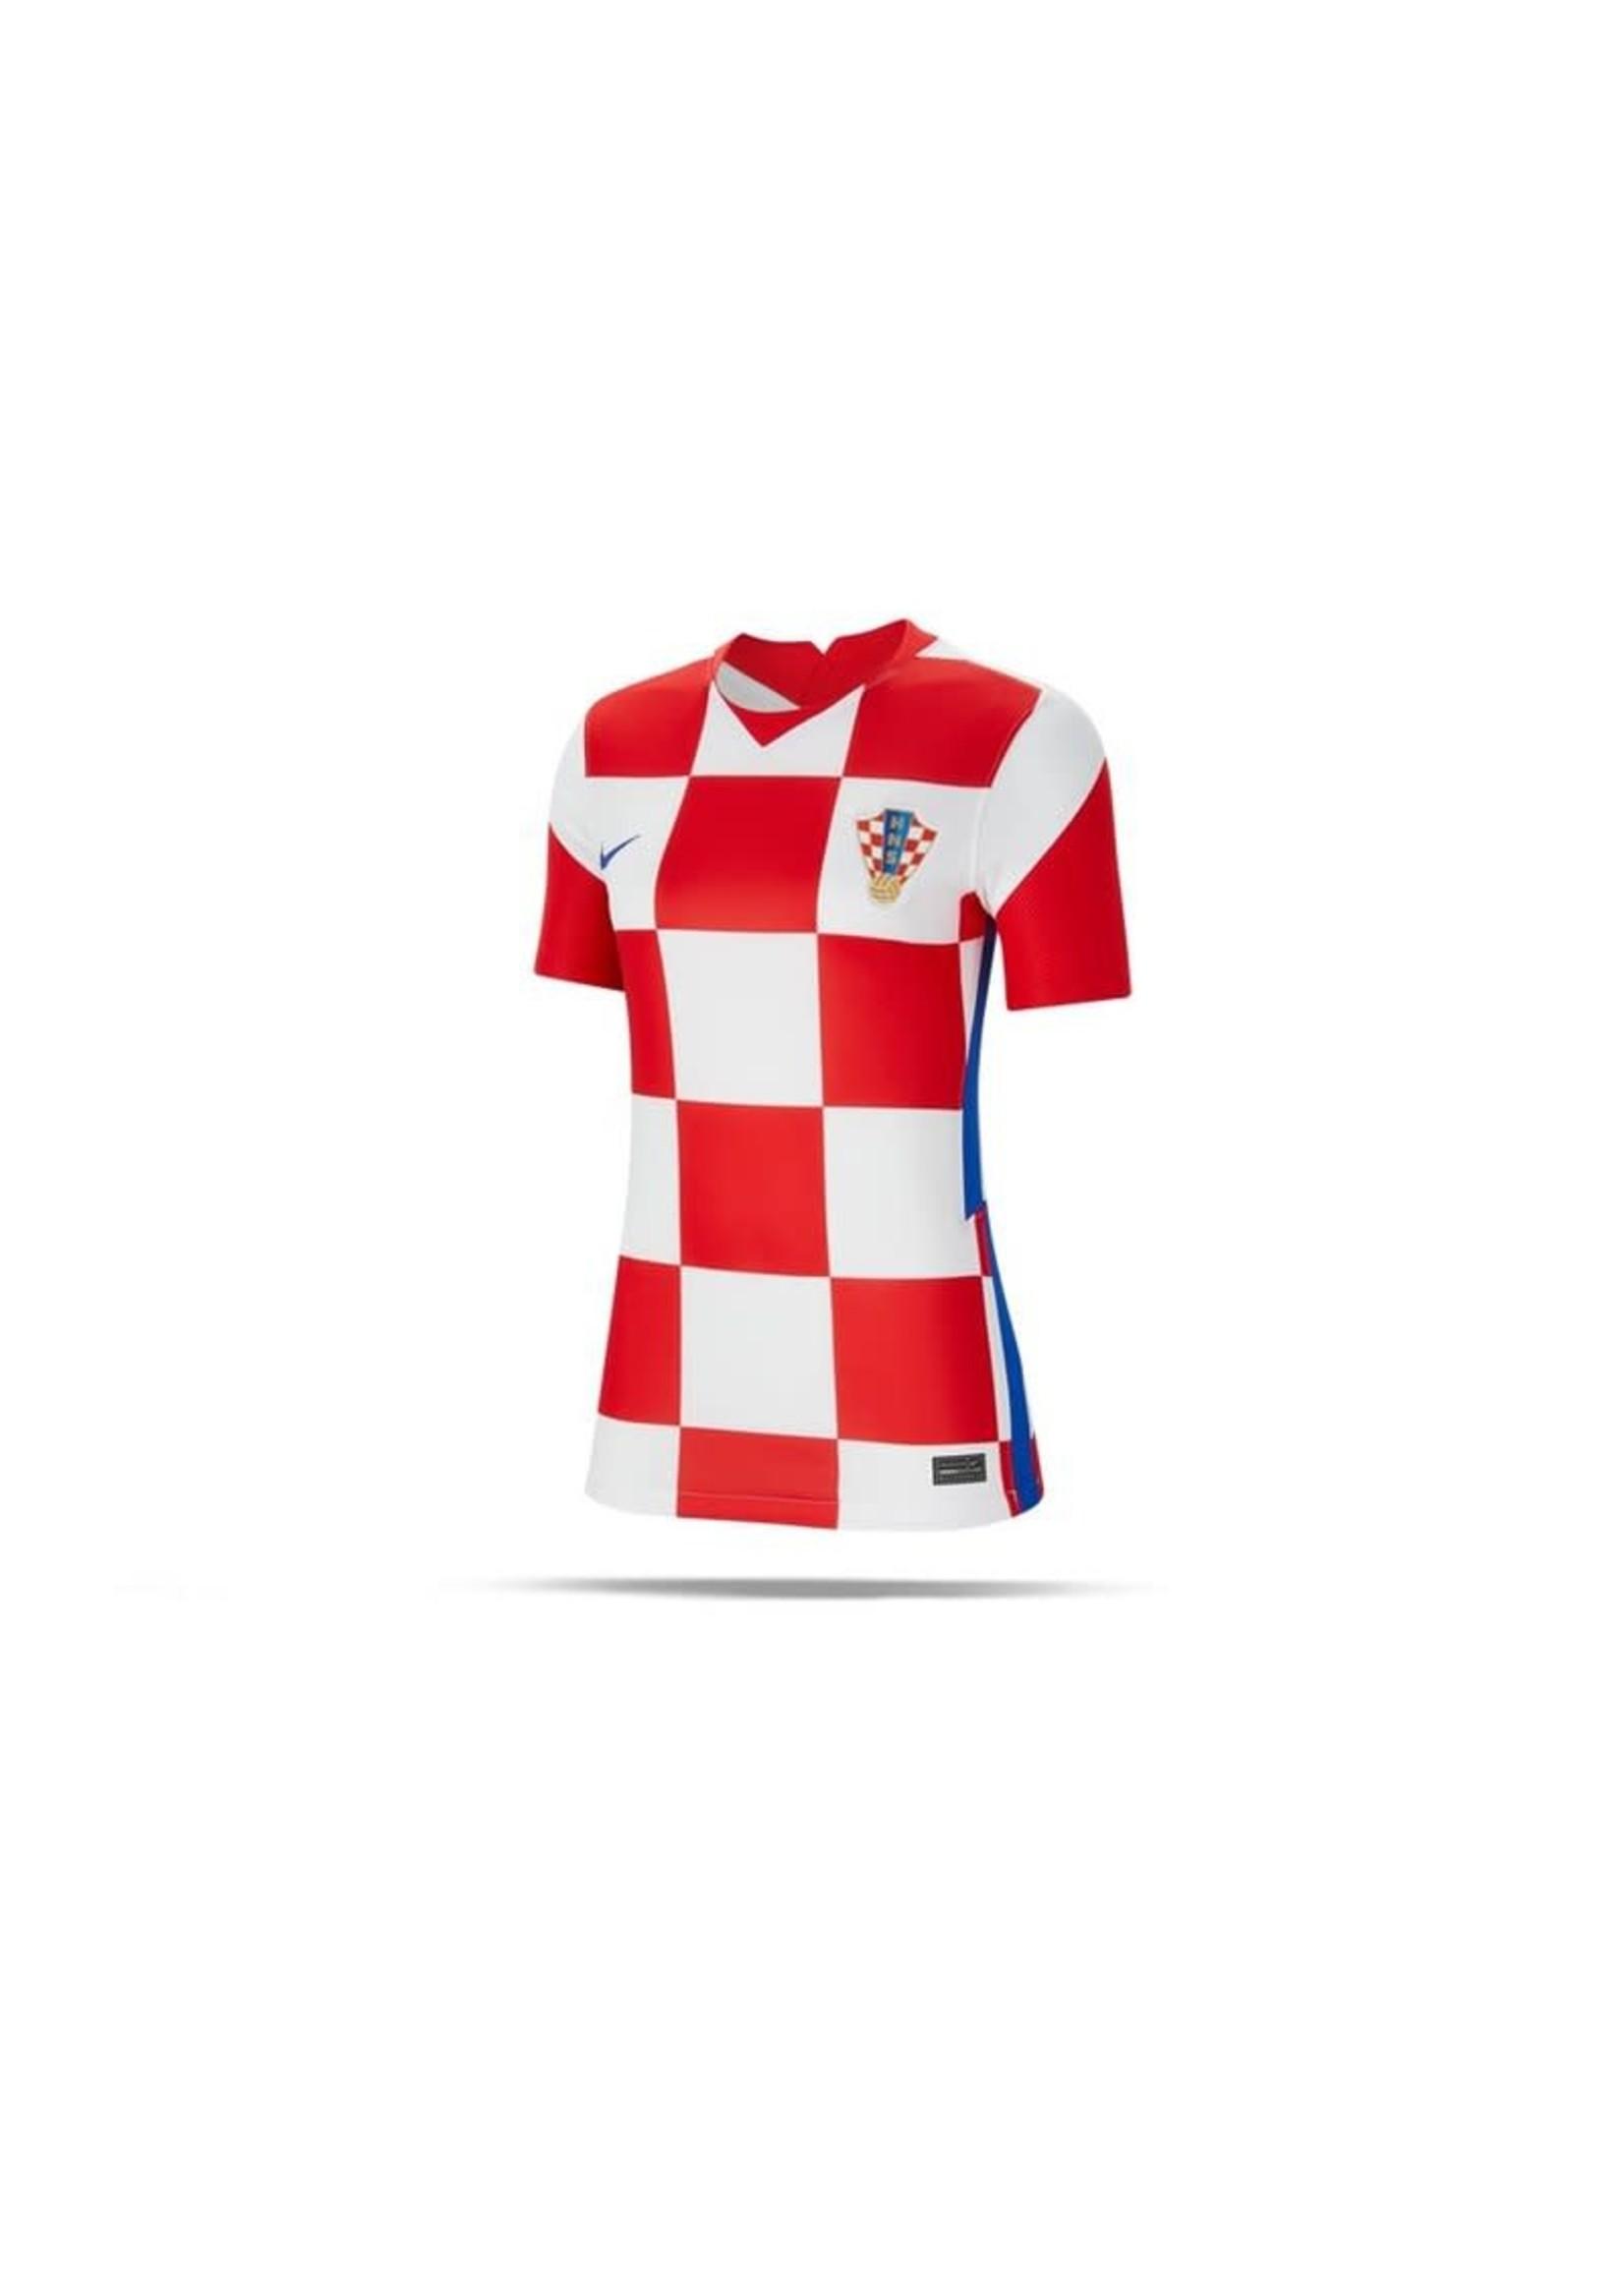 Nike CROATIA EURO 2020 HOME JERSEY - WOMENS